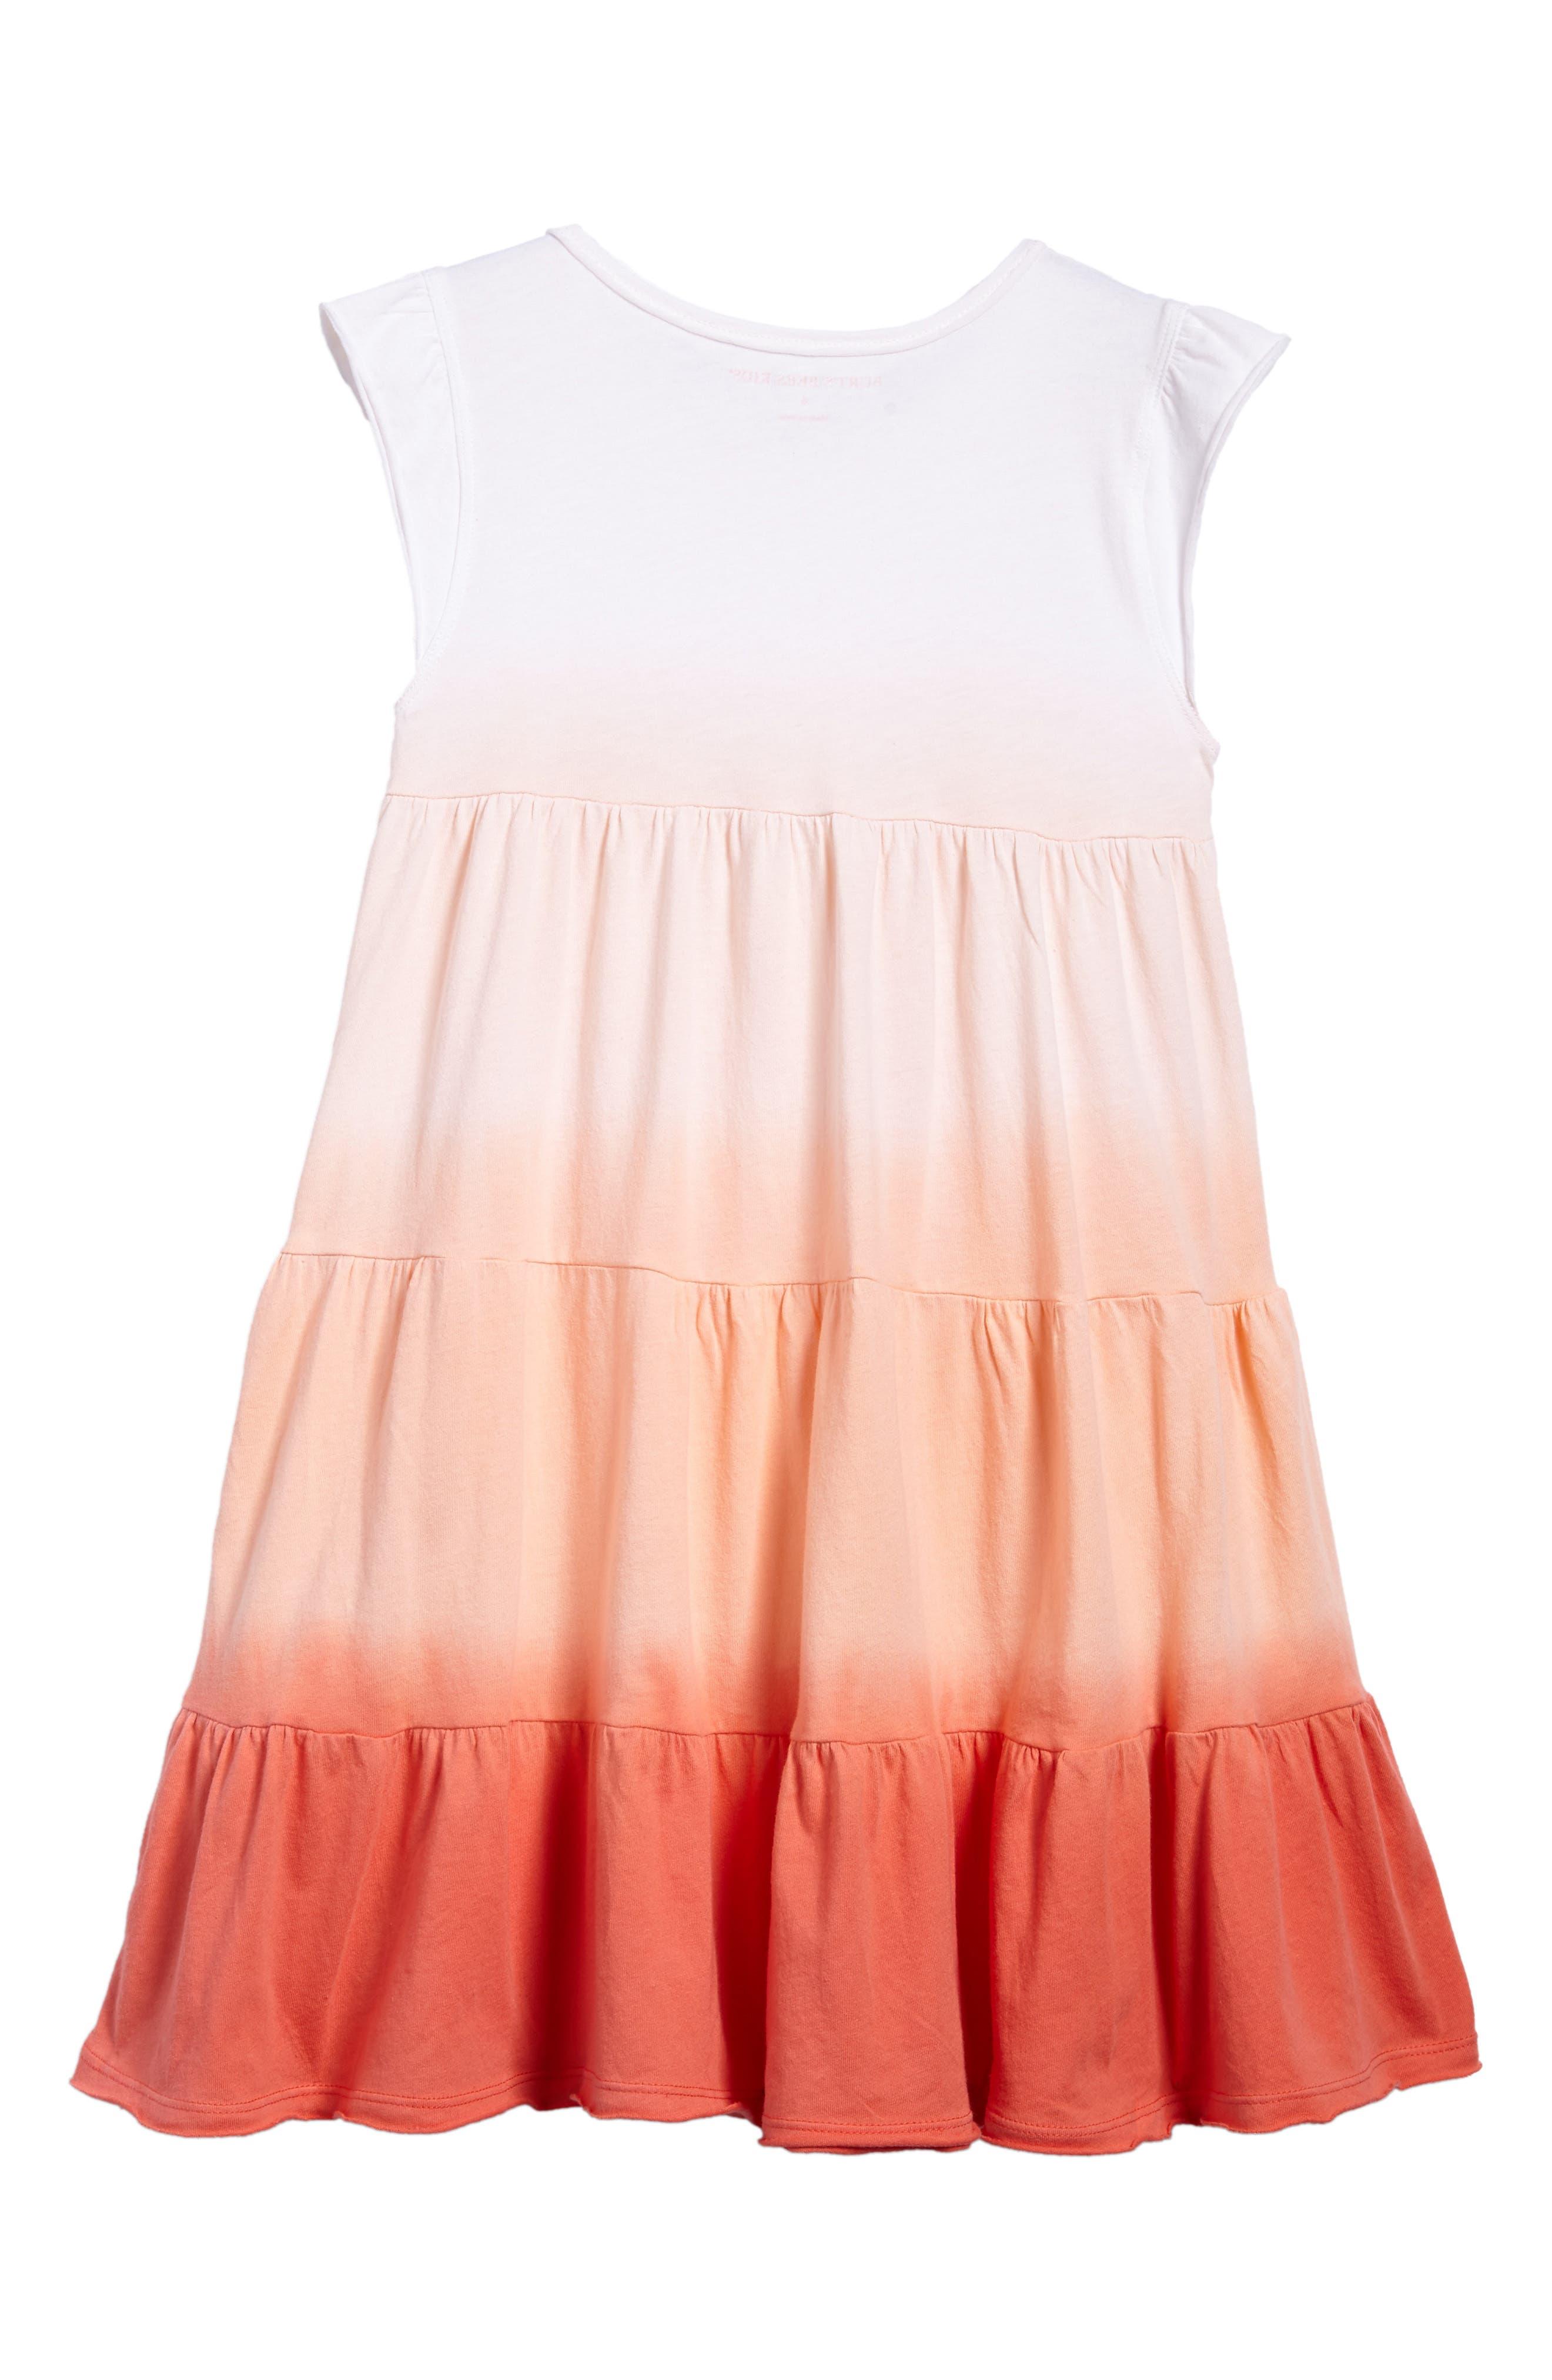 Dip Dye Organic Cotton Dress,                             Alternate thumbnail 2, color,                             950